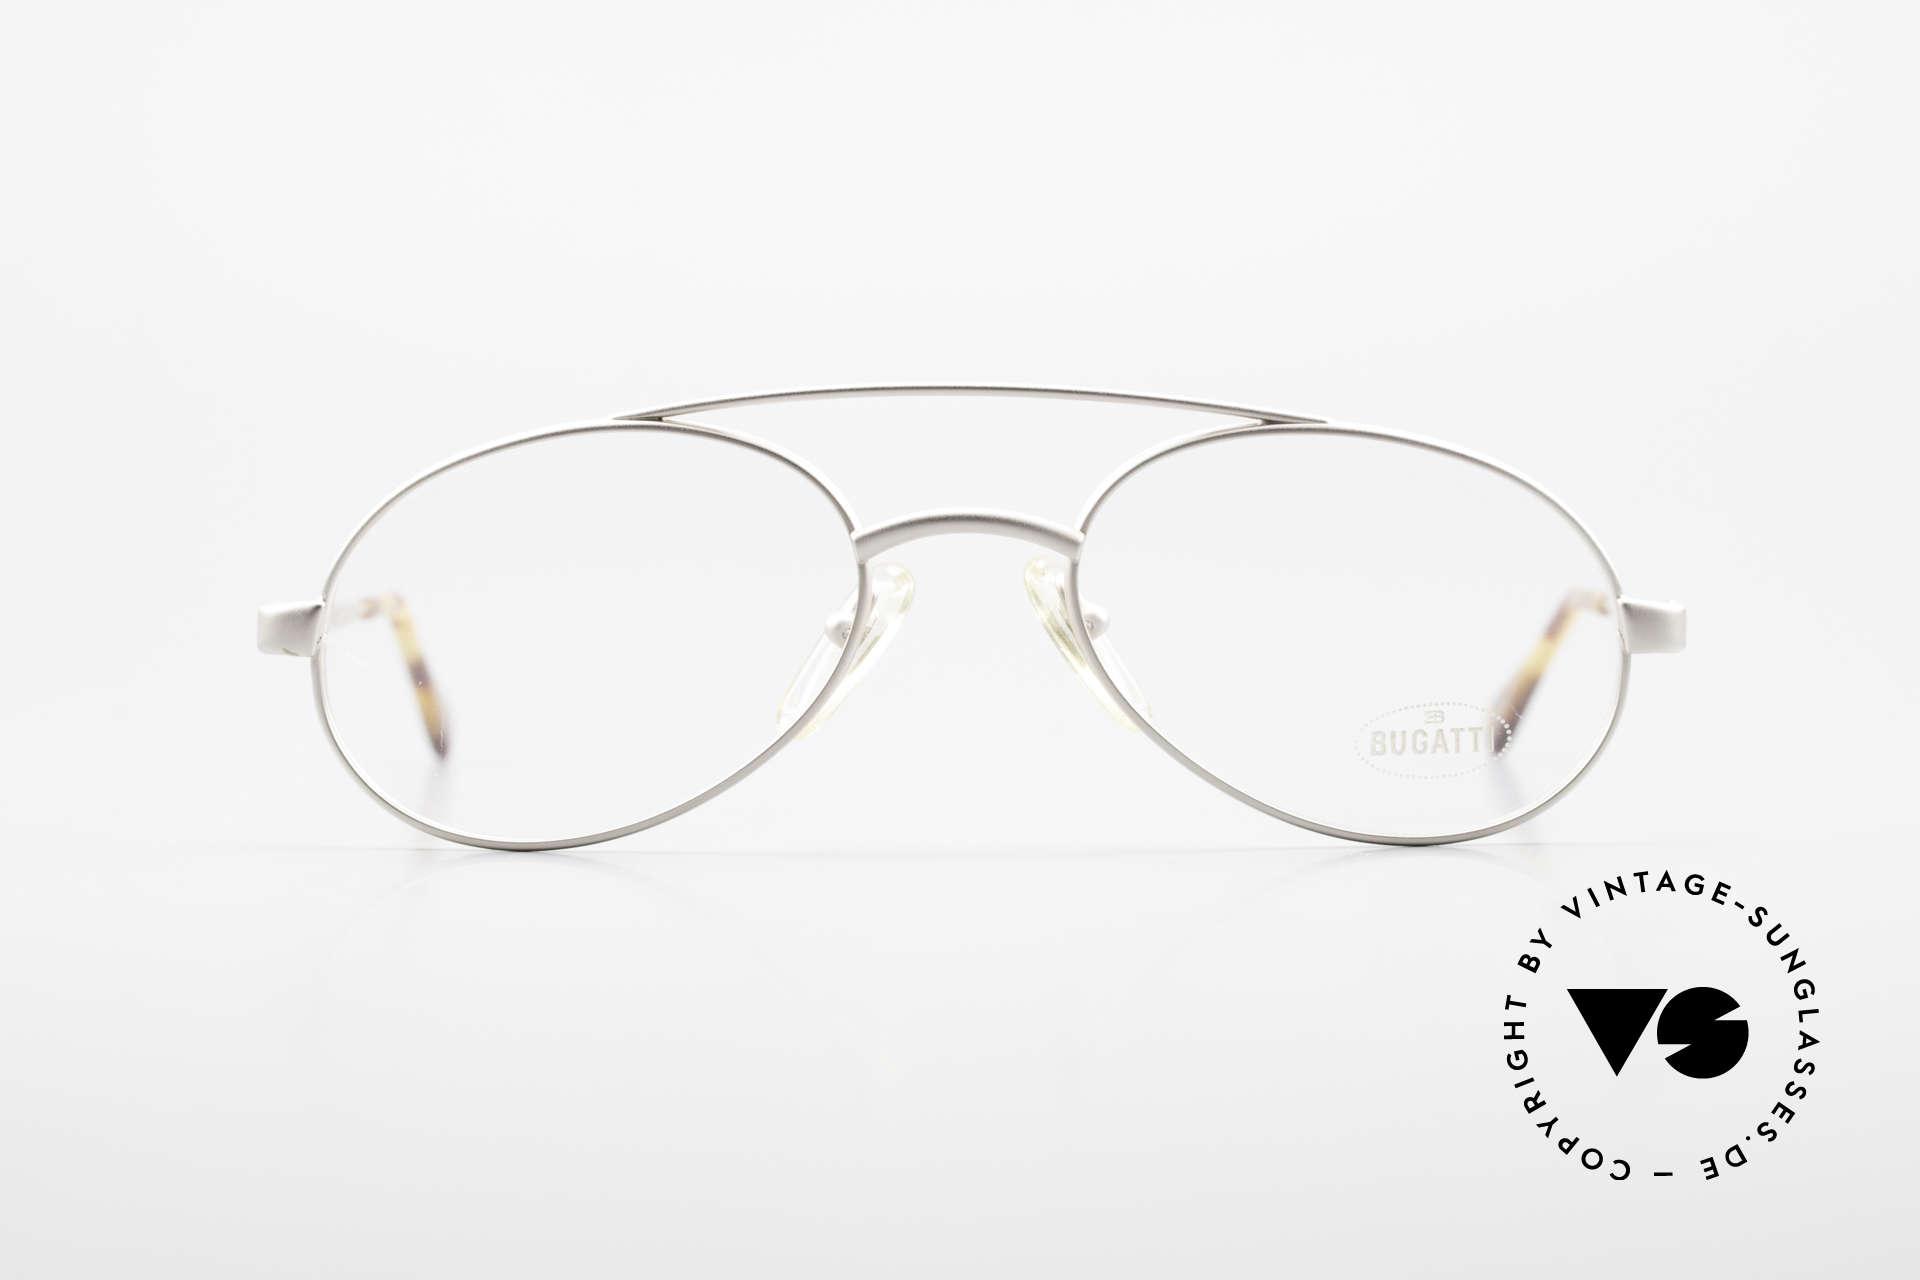 Bugatti 08105 Alte Vintage Brille Herren 80er, charakteristische Bugatti Herrenform; Tropfenform, Passend für Herren